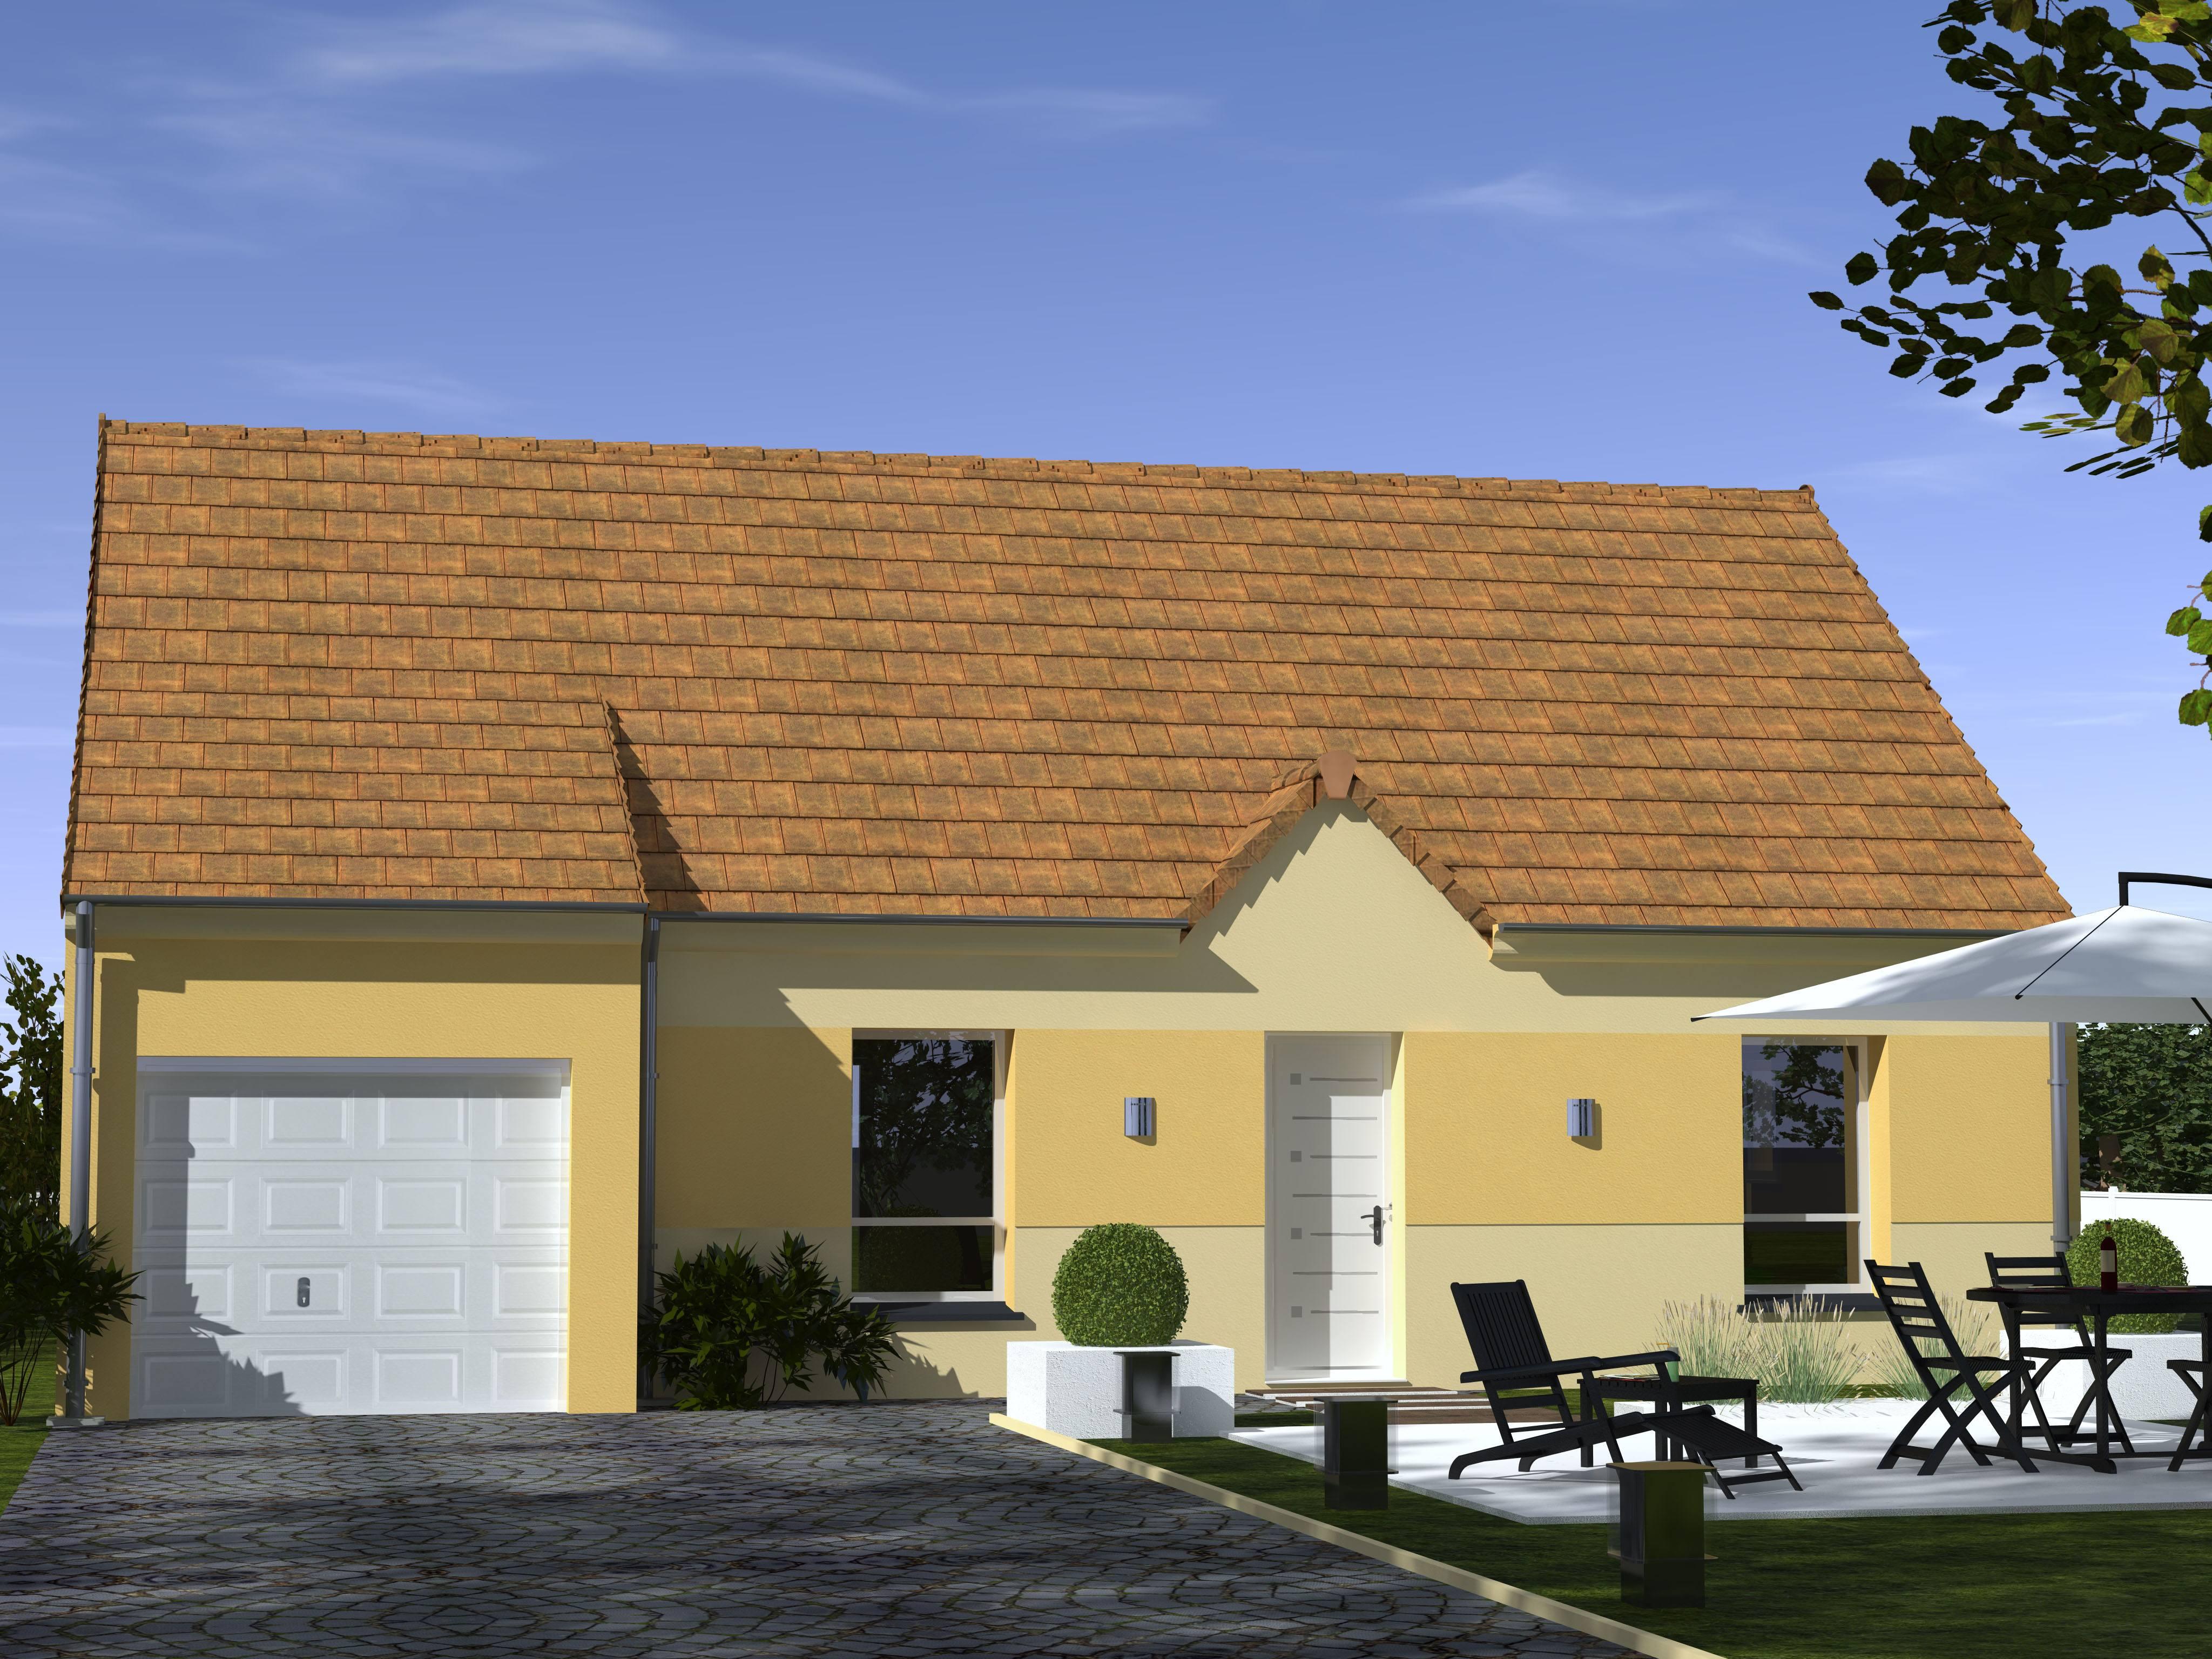 Maisons + Terrains du constructeur Les Maisons Lelievre • 77 m² • COURCEMONT